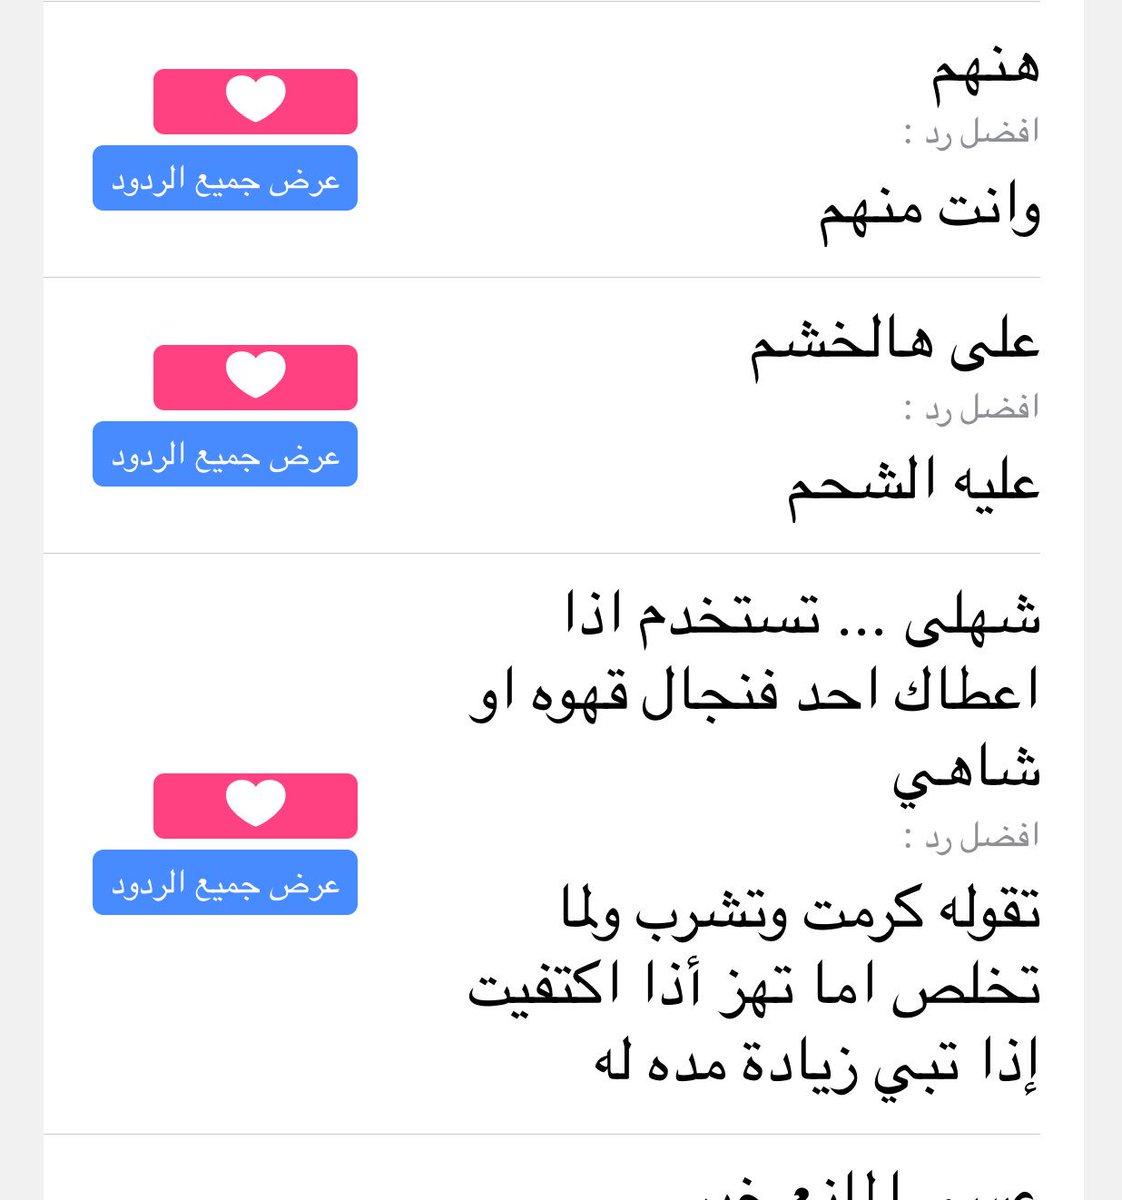 حمد نيويورك On Twitter التطبيق يخليك تضيف عبارات عشان يستفيدون منها الناس هنا بعض الاضافات